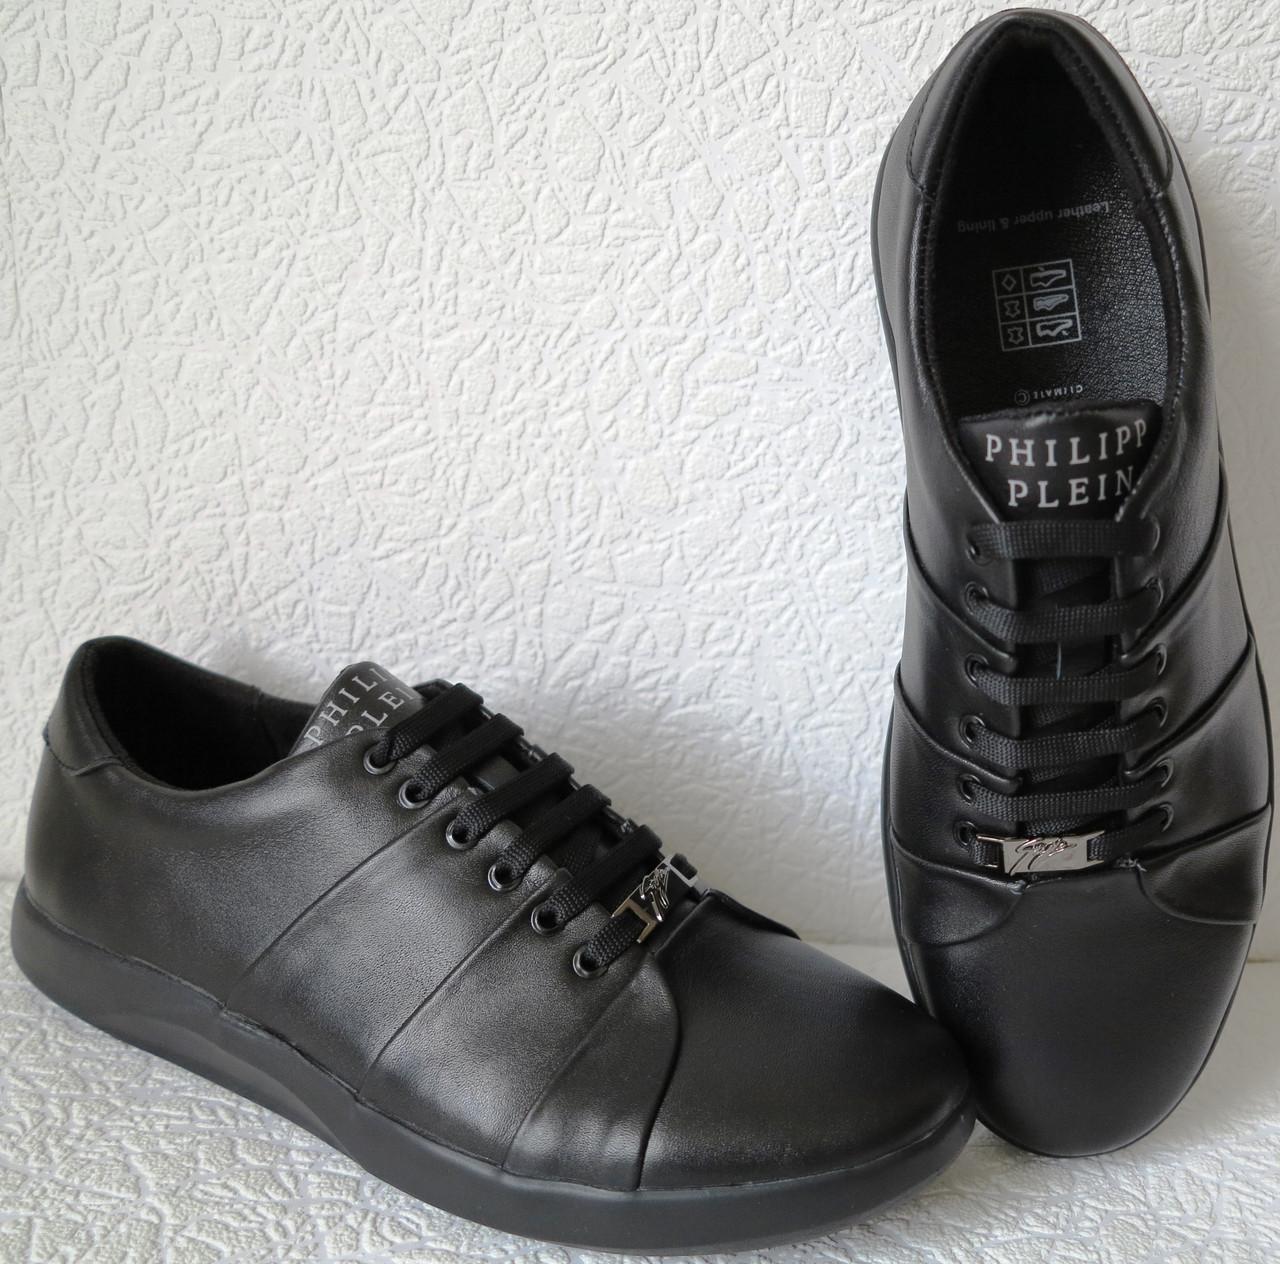 42700c229d6ad Philipp plein! Мужские туфли кроссовки из черной натуральной кожи в стиле  Филипп Плейн - Trendy